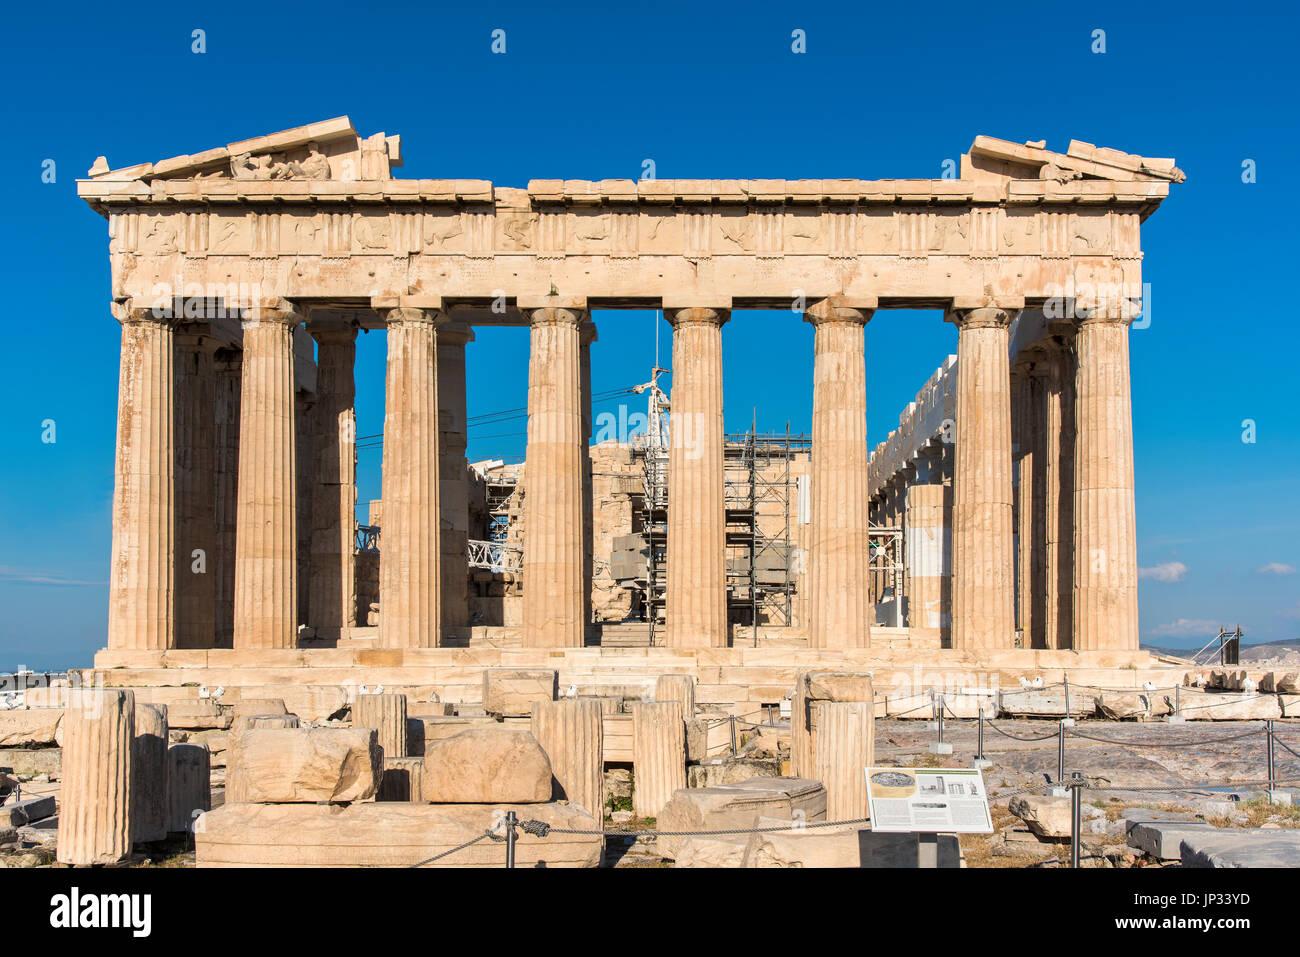 Parthenon, Athenian Acropolis, Athens, Attica, Greece - Stock Image